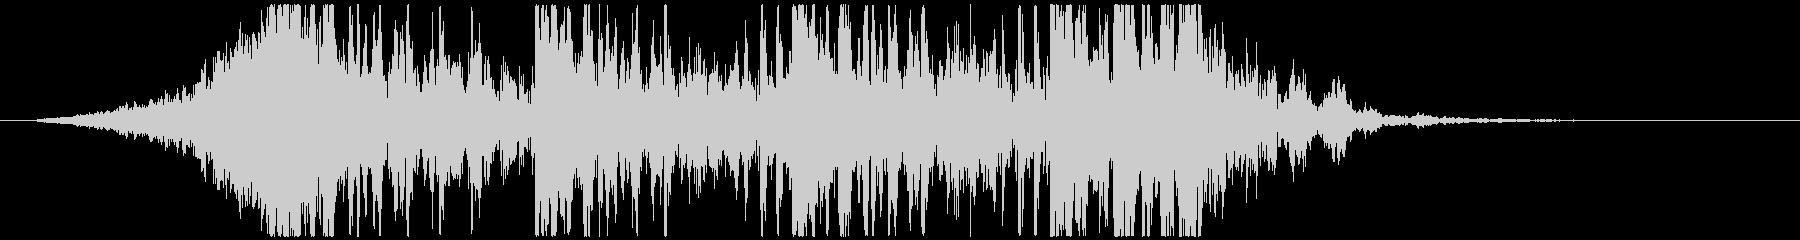 壮大で激しいリズムのサウンドロゴA(長)の未再生の波形